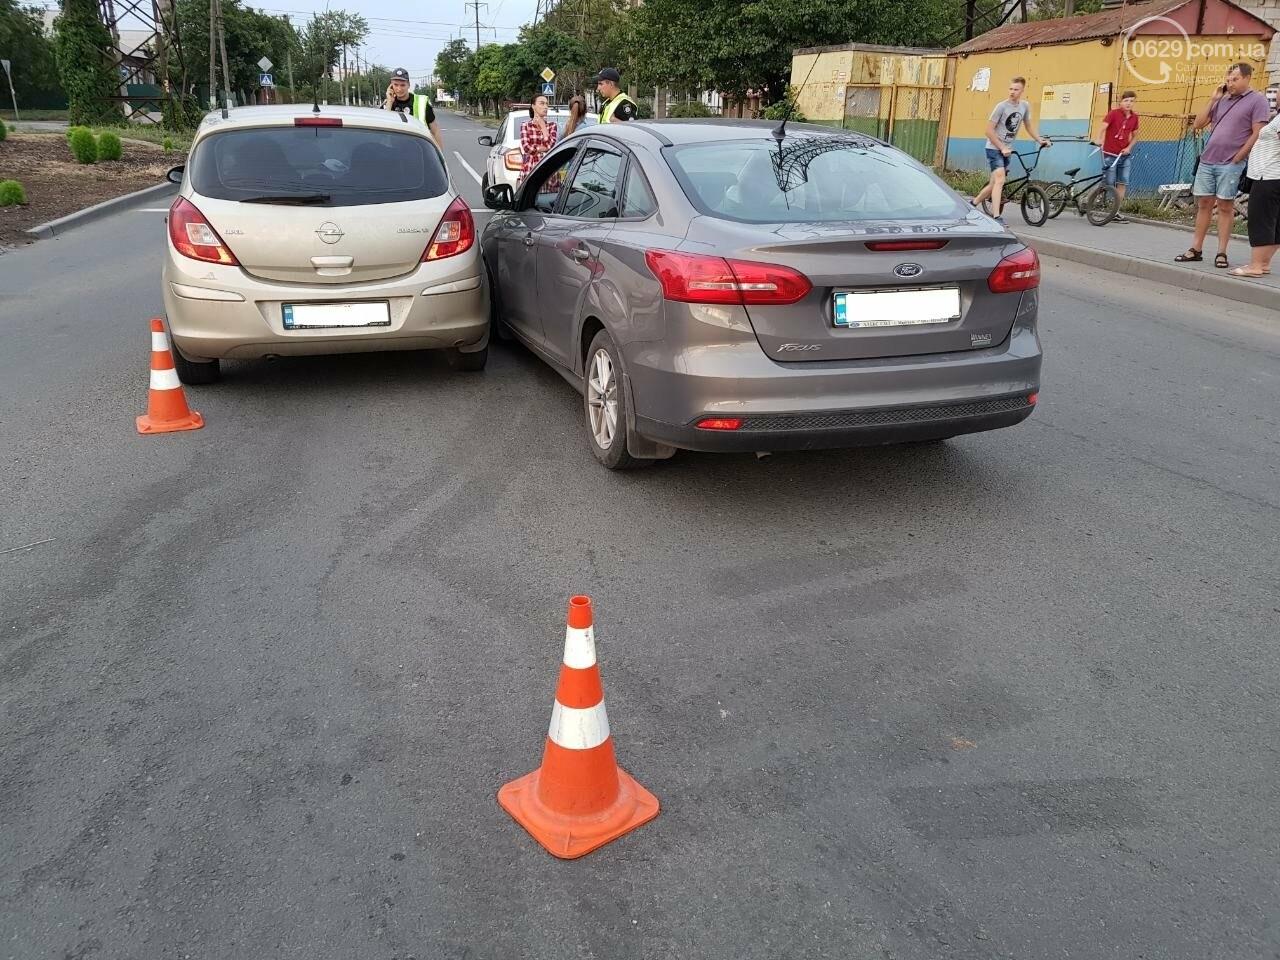 В Мариуполе не поделили перекресток «Опель» и «Форд», - ФОТО, фото-1